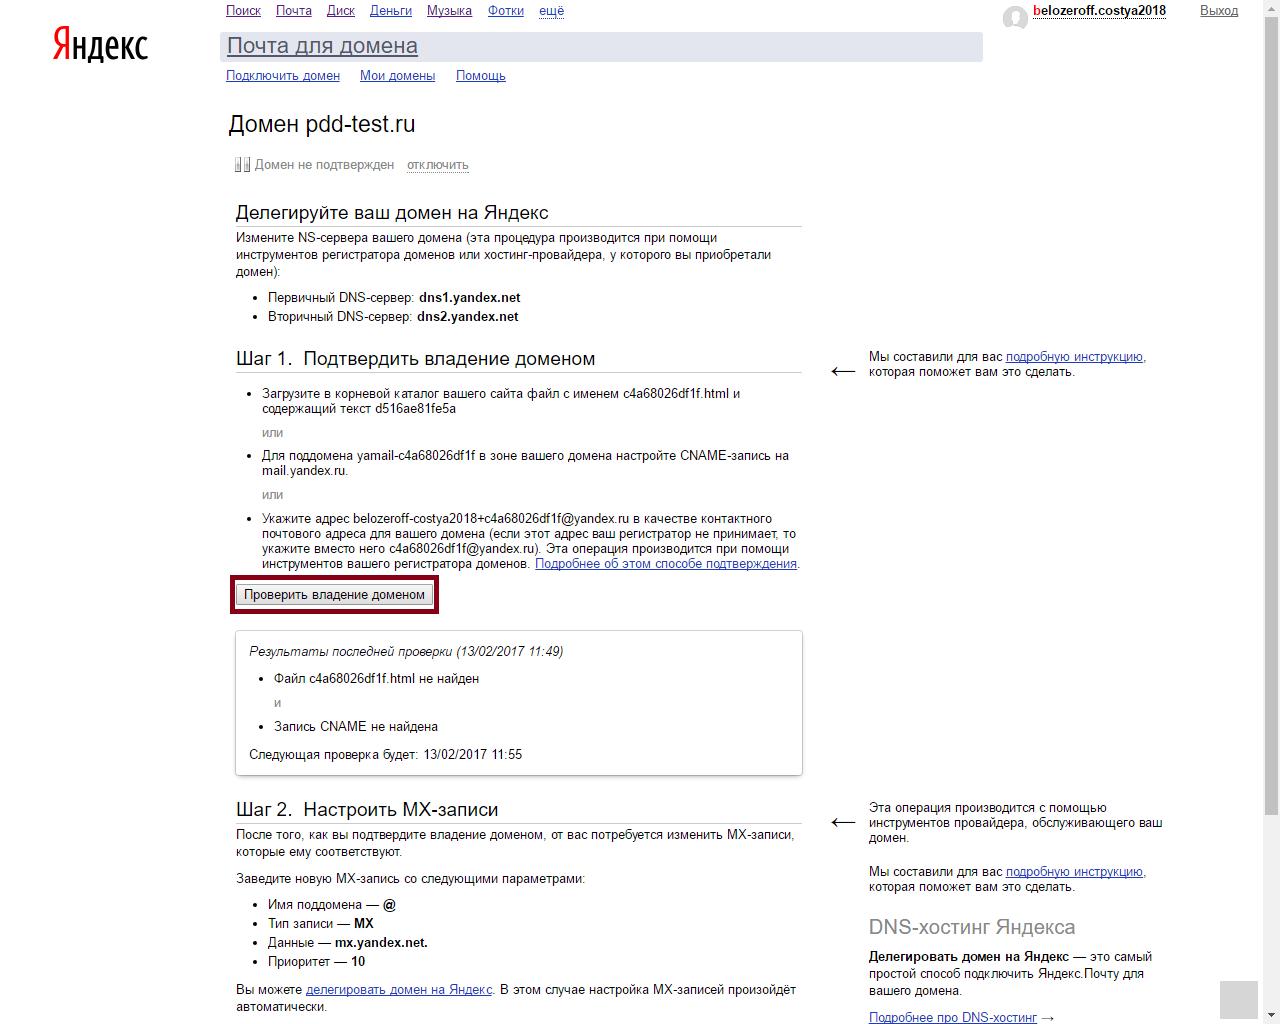 Проверка делегированного домена на Яндекс